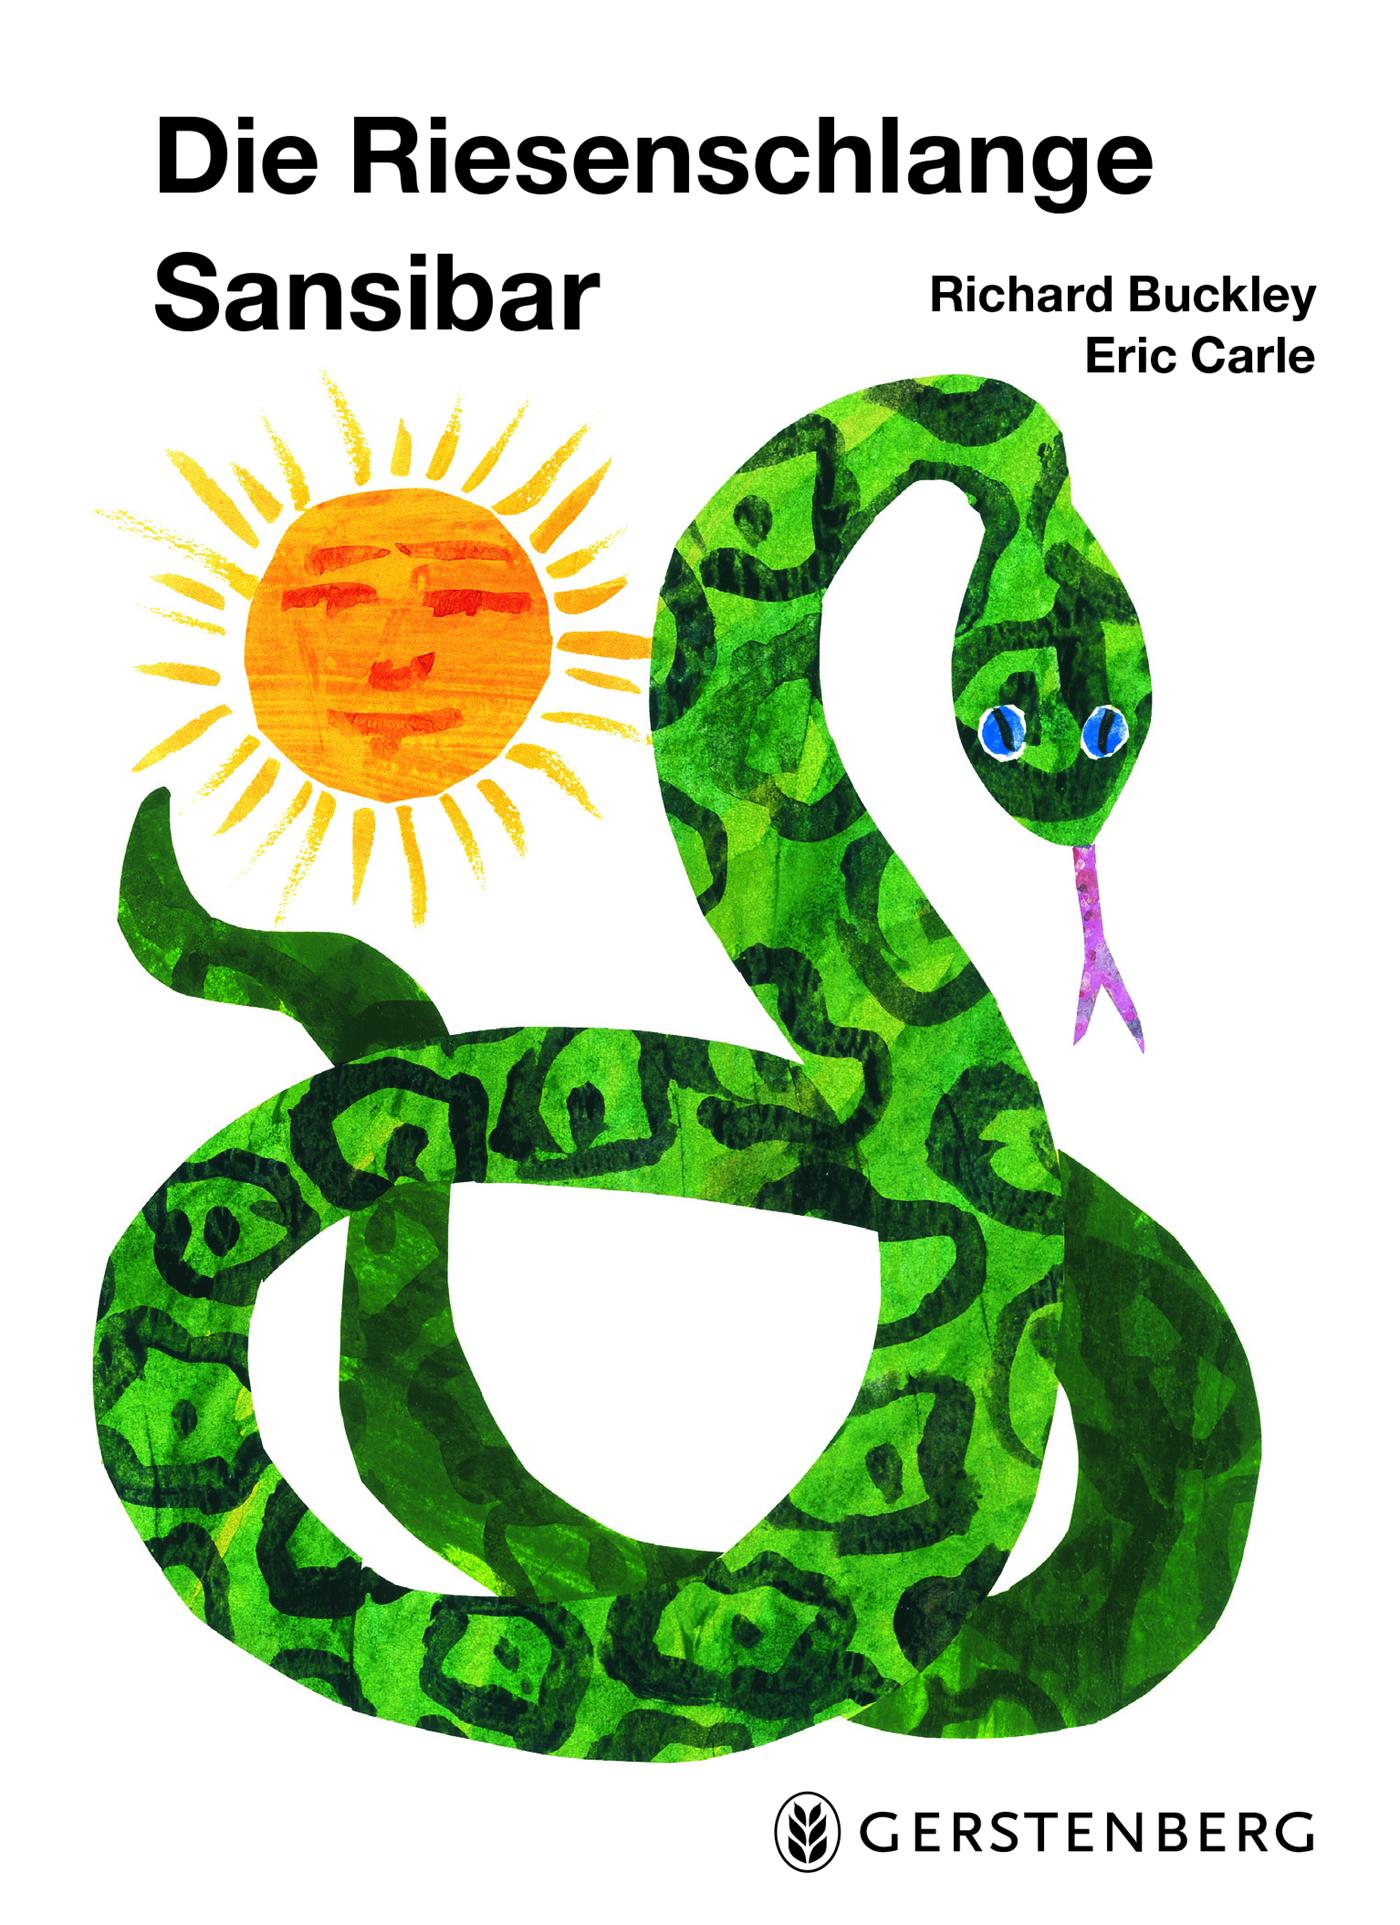 Die-Riesenschlange-Sansibar